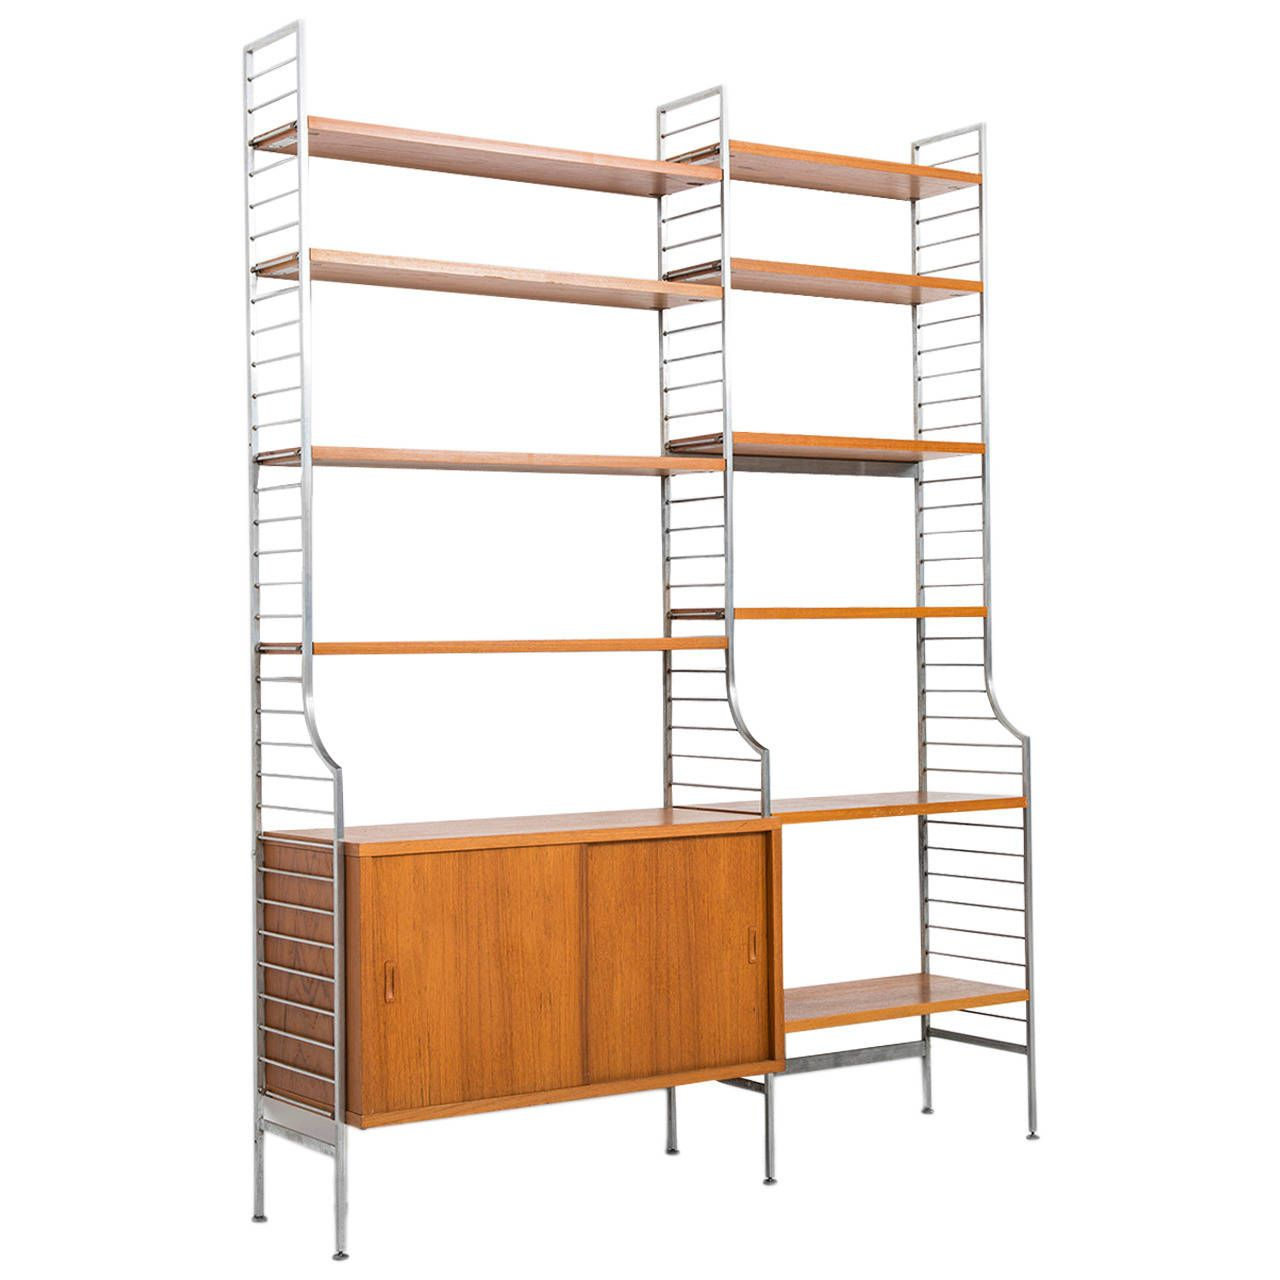 nisse strinning continental shelf system by string design ab in sweden shelf system shelves. Black Bedroom Furniture Sets. Home Design Ideas